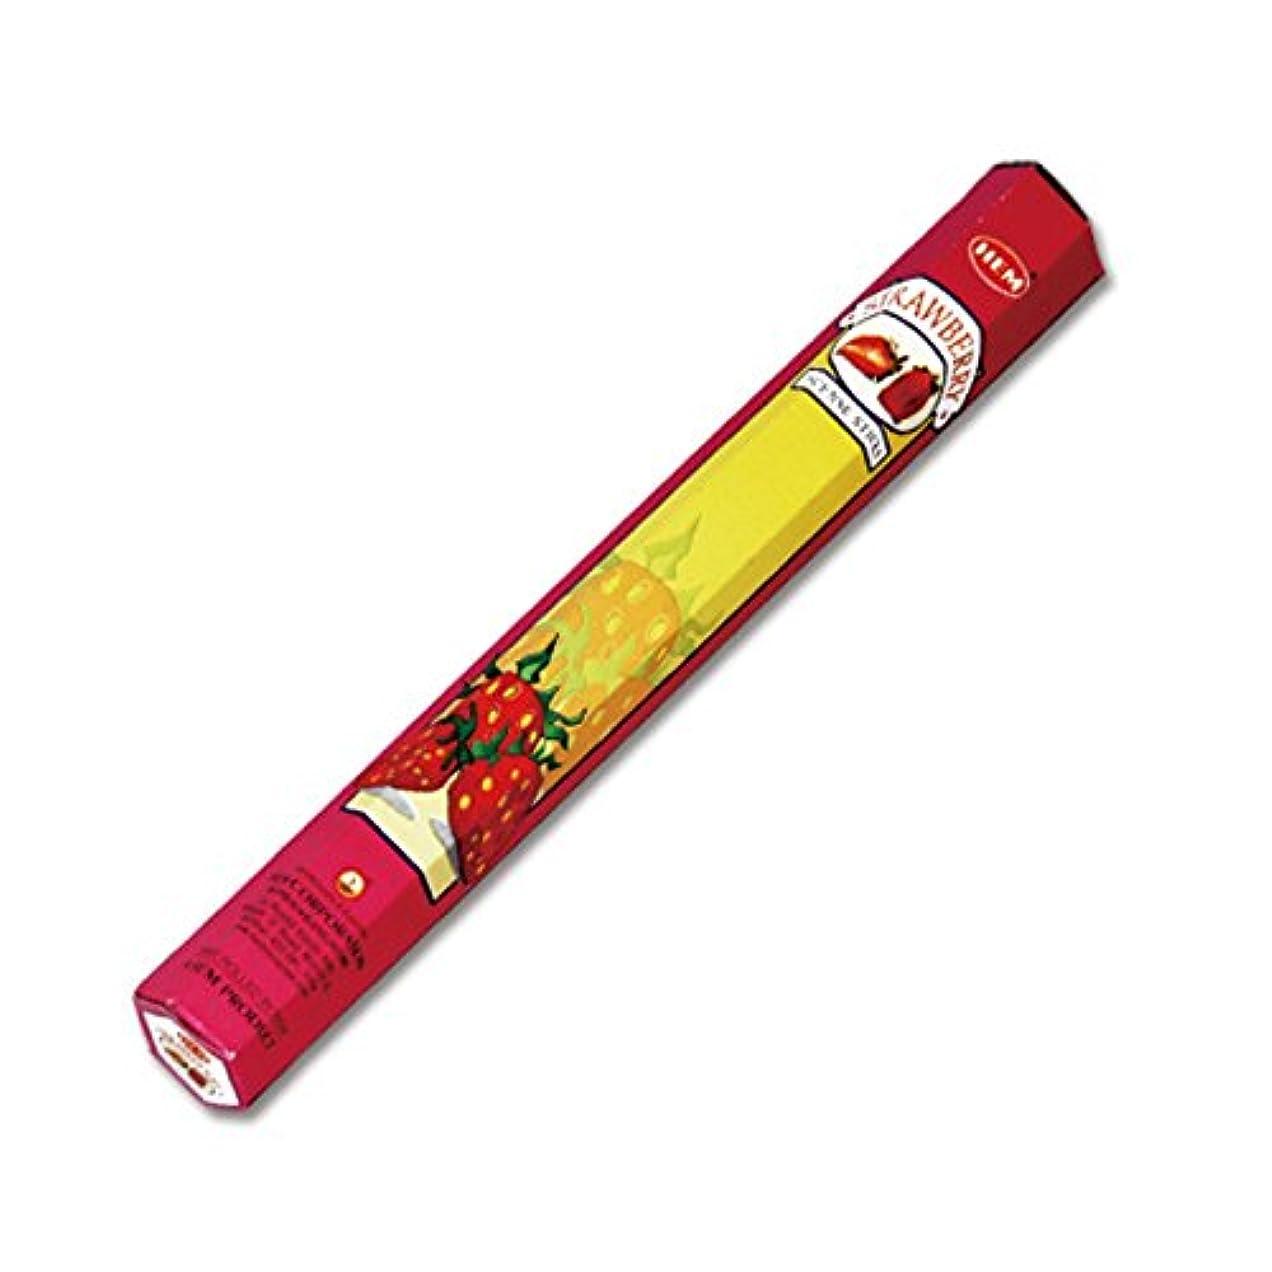 カニフェローシップ熱帯のHEM(ヘム) ストロベリー STRAWBERRY スティックタイプ お香 1筒 単品 [並行輸入品]